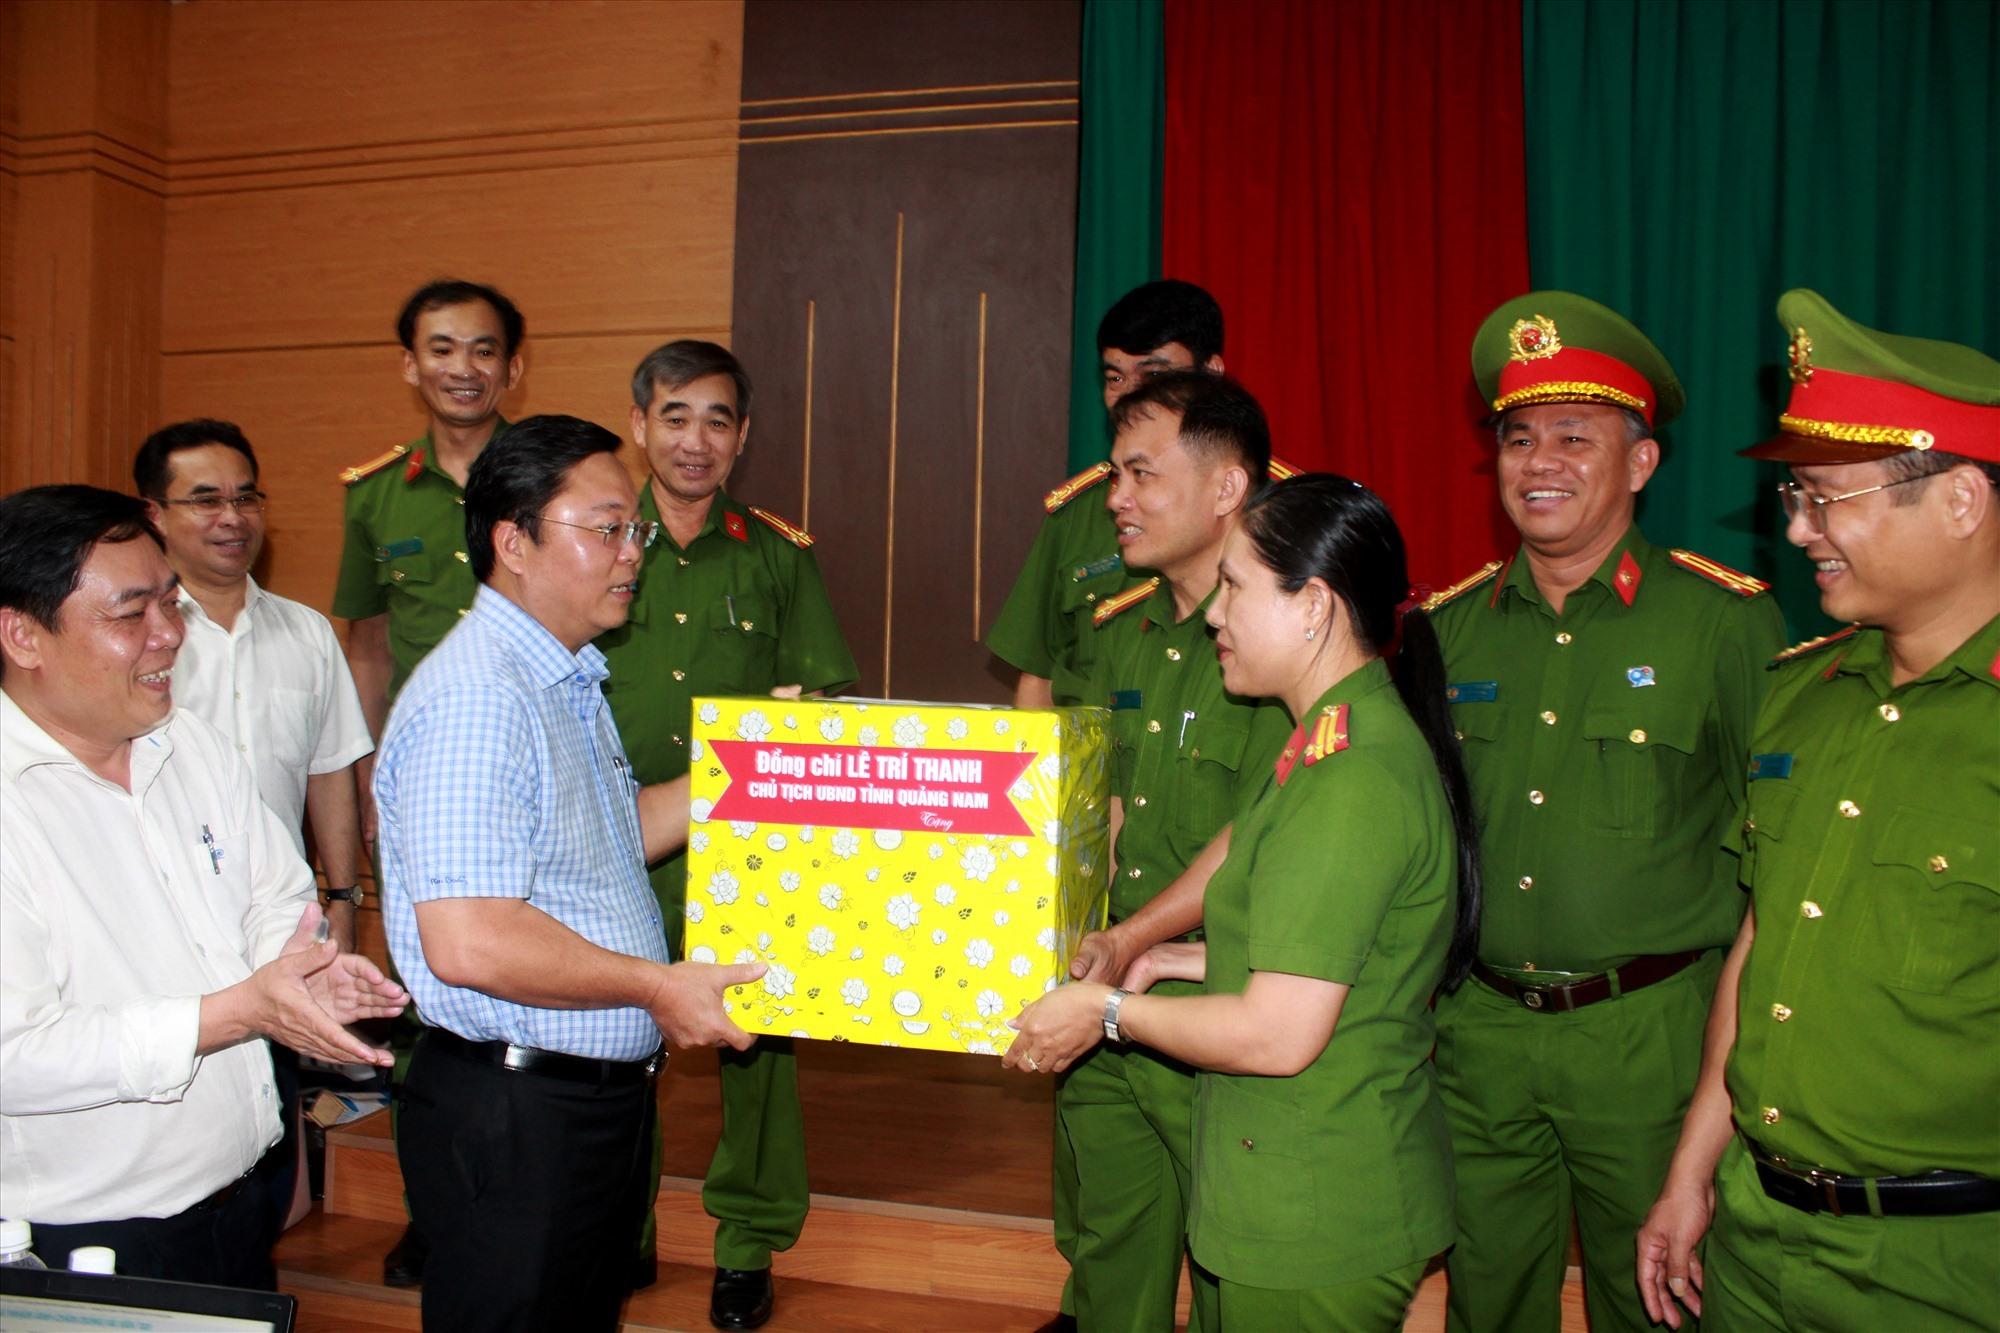 Tặng quà cho tổ công tác làm nhiệm vụ cấp căn cước công dân tại công ty may Tuấn Đạt. Ảnh: T.C